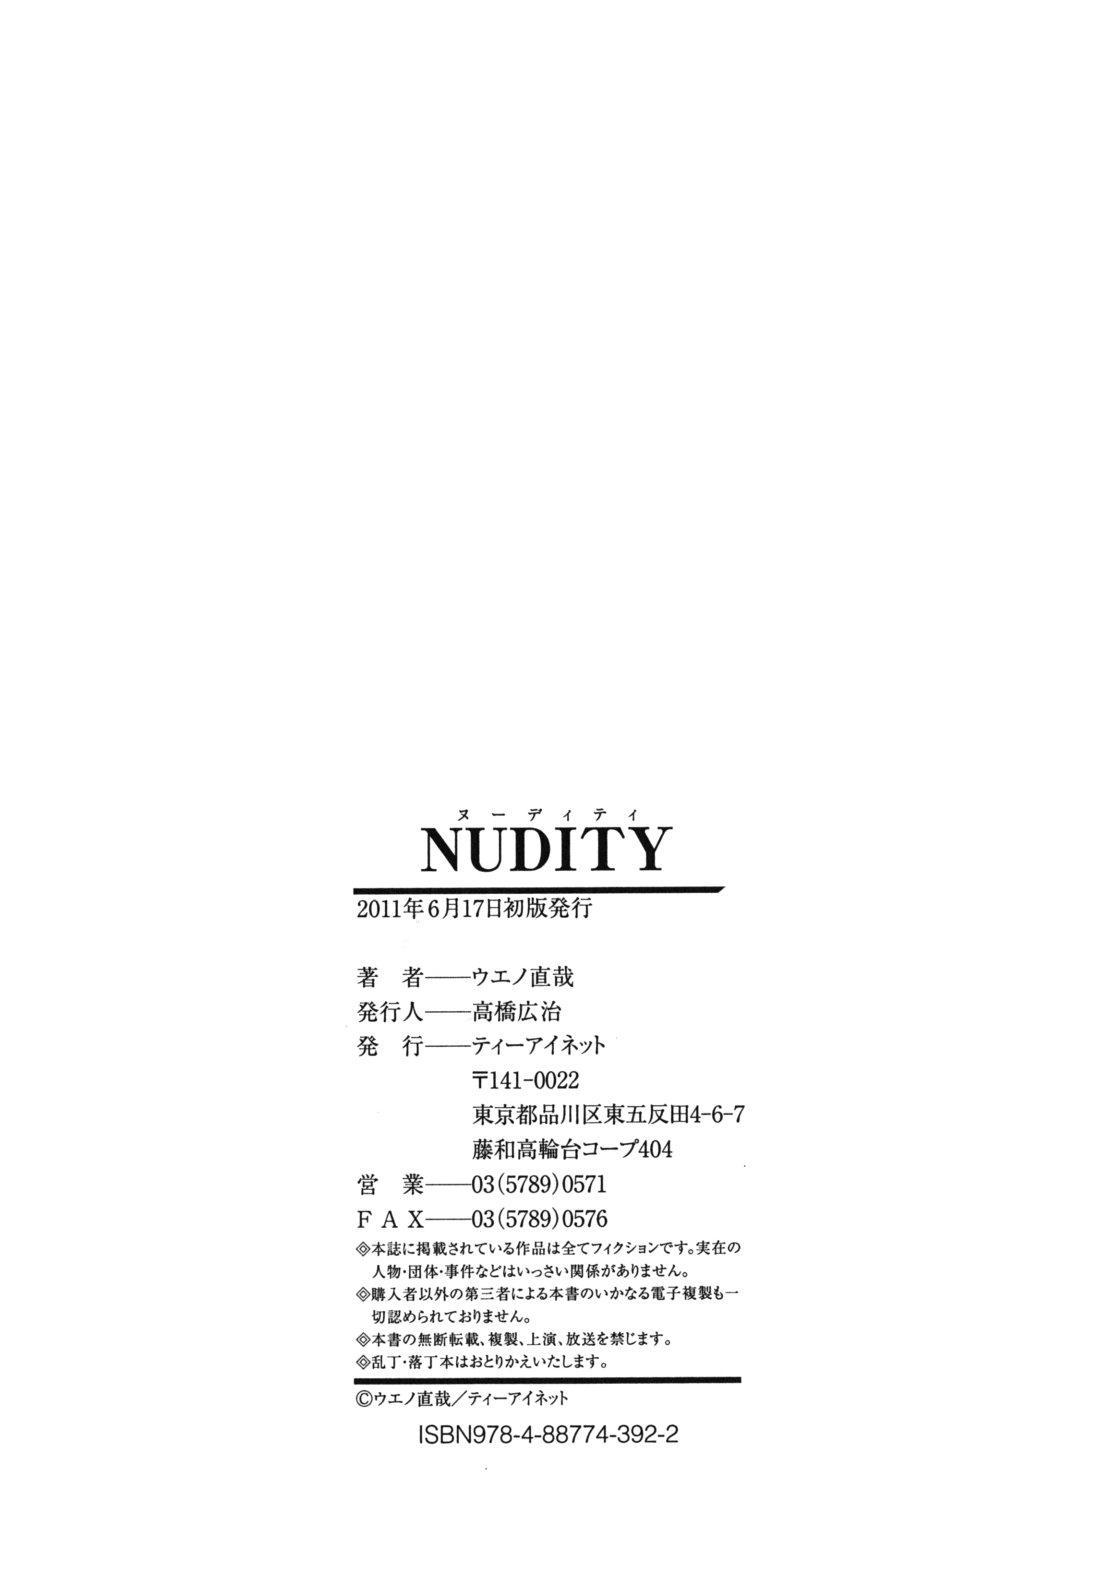 NUDITY 222